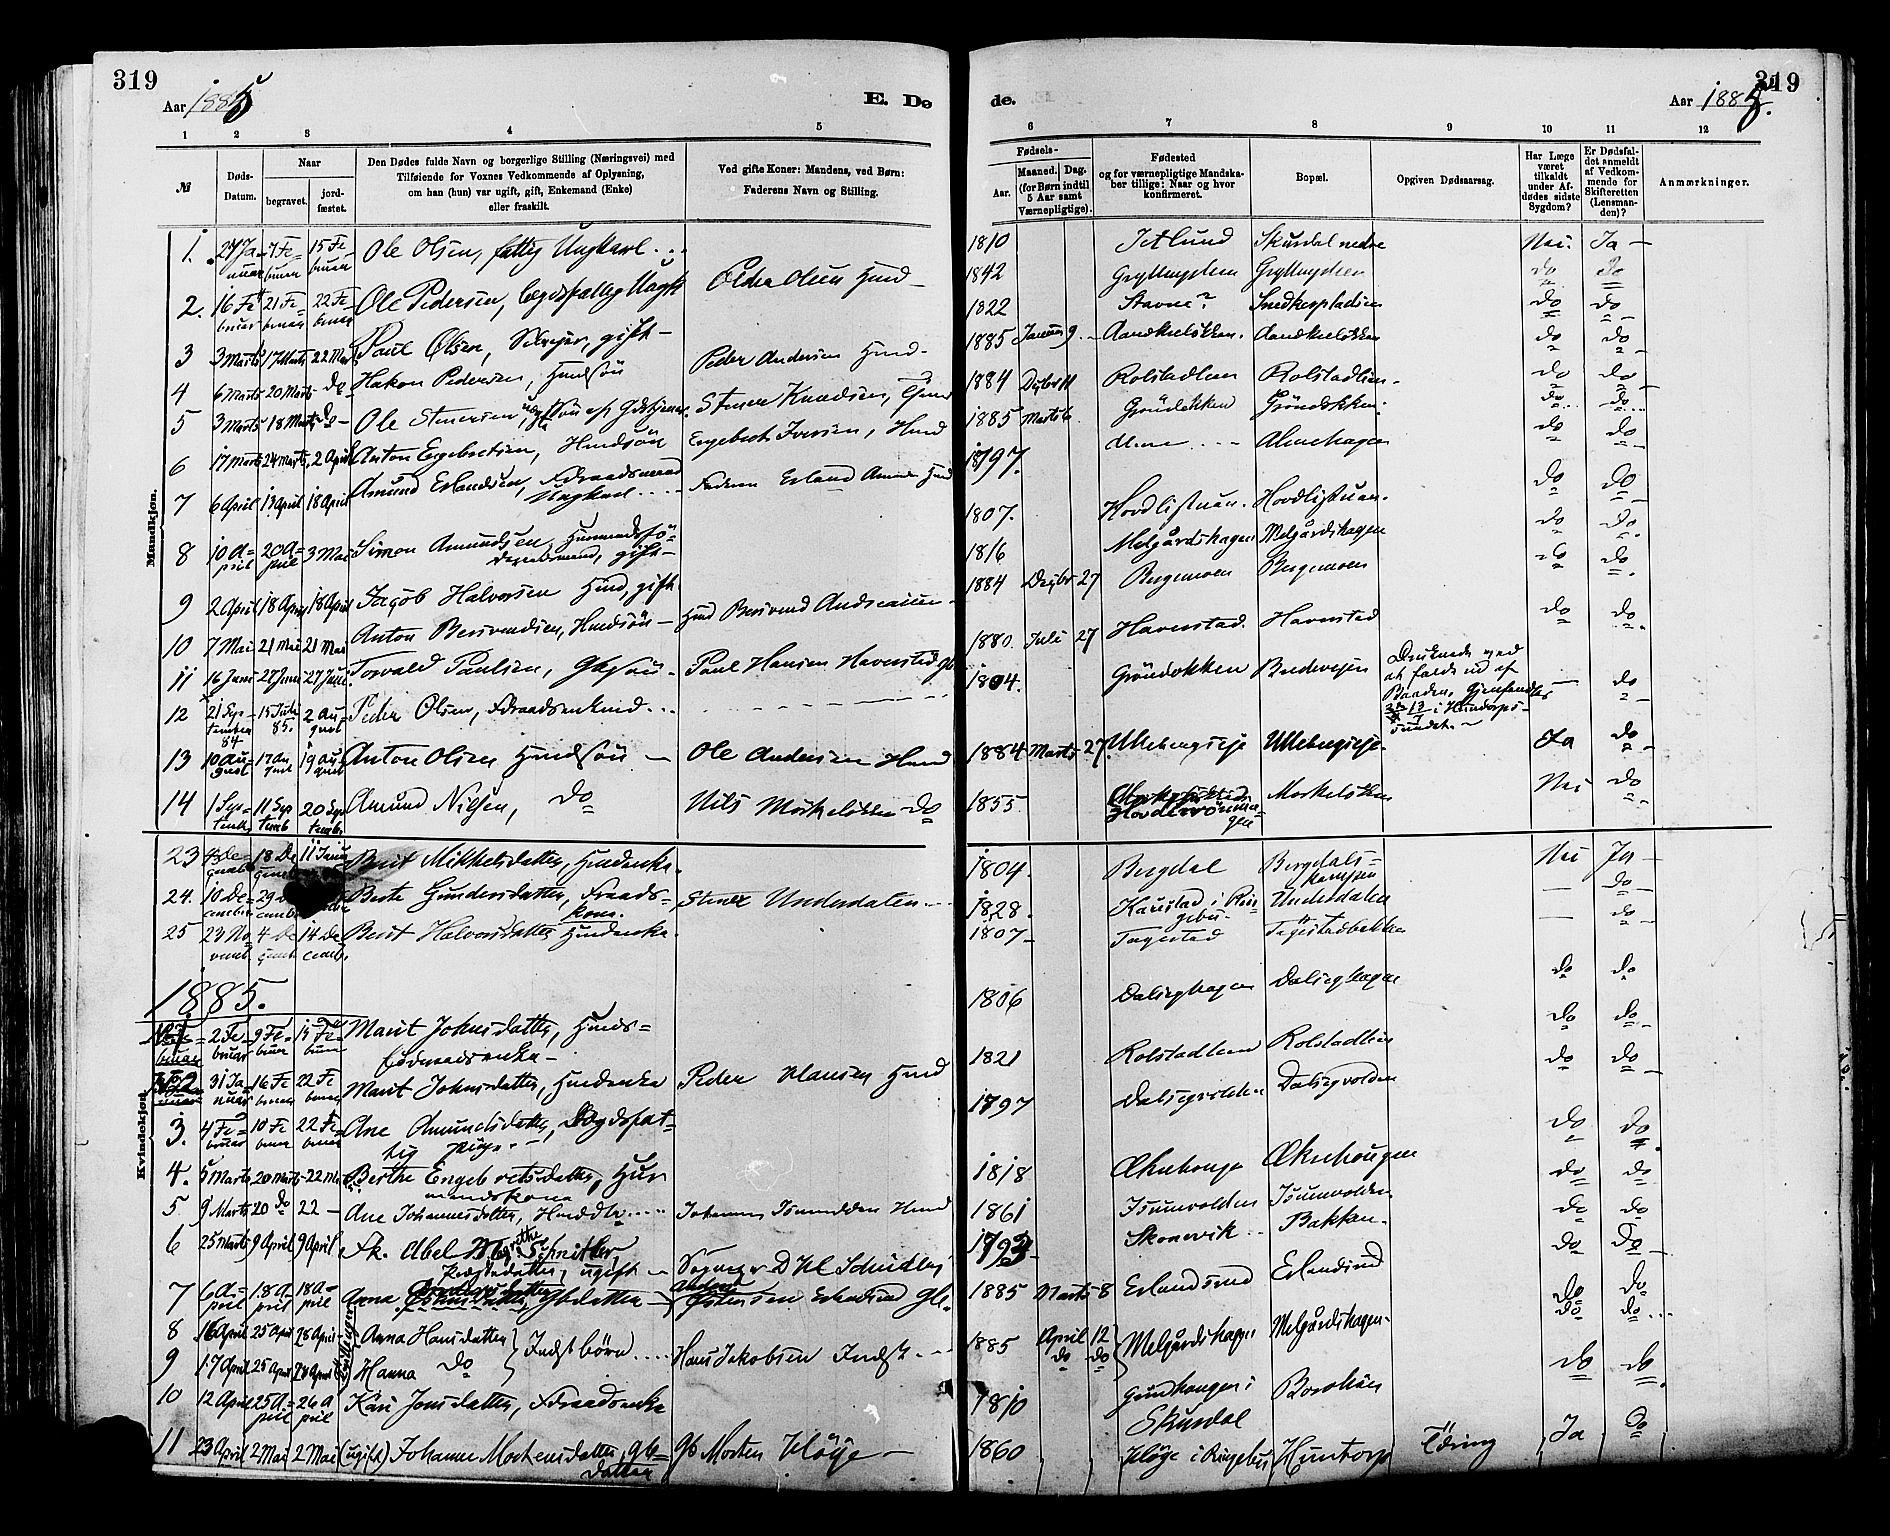 SAH, Sør-Fron prestekontor, H/Ha/Haa/L0003: Ministerialbok nr. 3, 1881-1897, s. 319